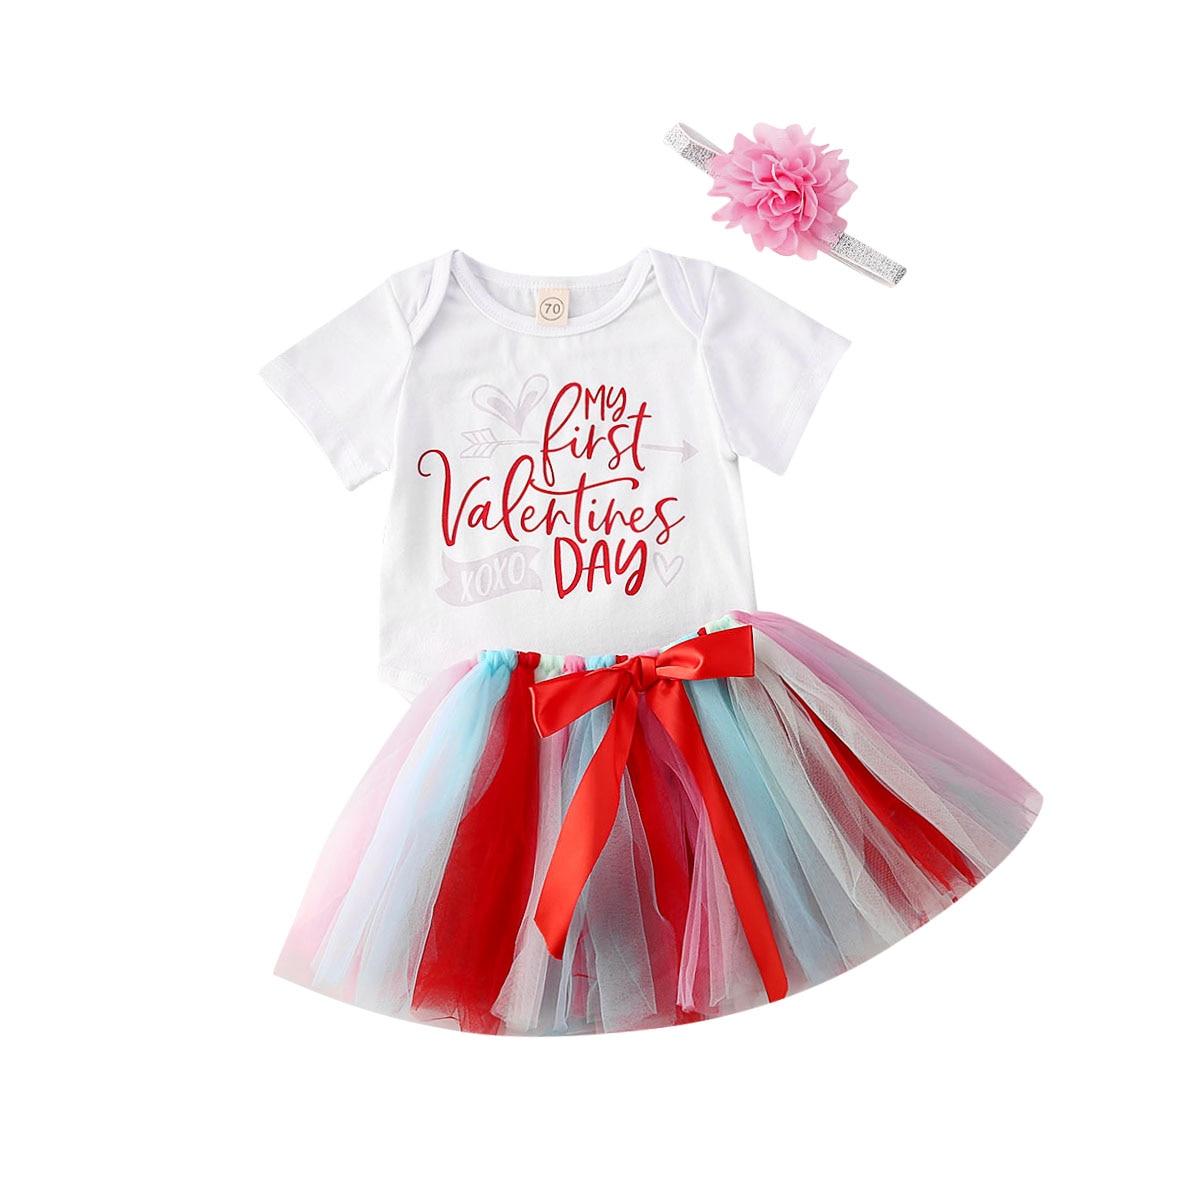 3Pcs Newborn Baby Girls Romper Sunsuit Bodysuit Fancy Tutu Shorts Outfit Clothes